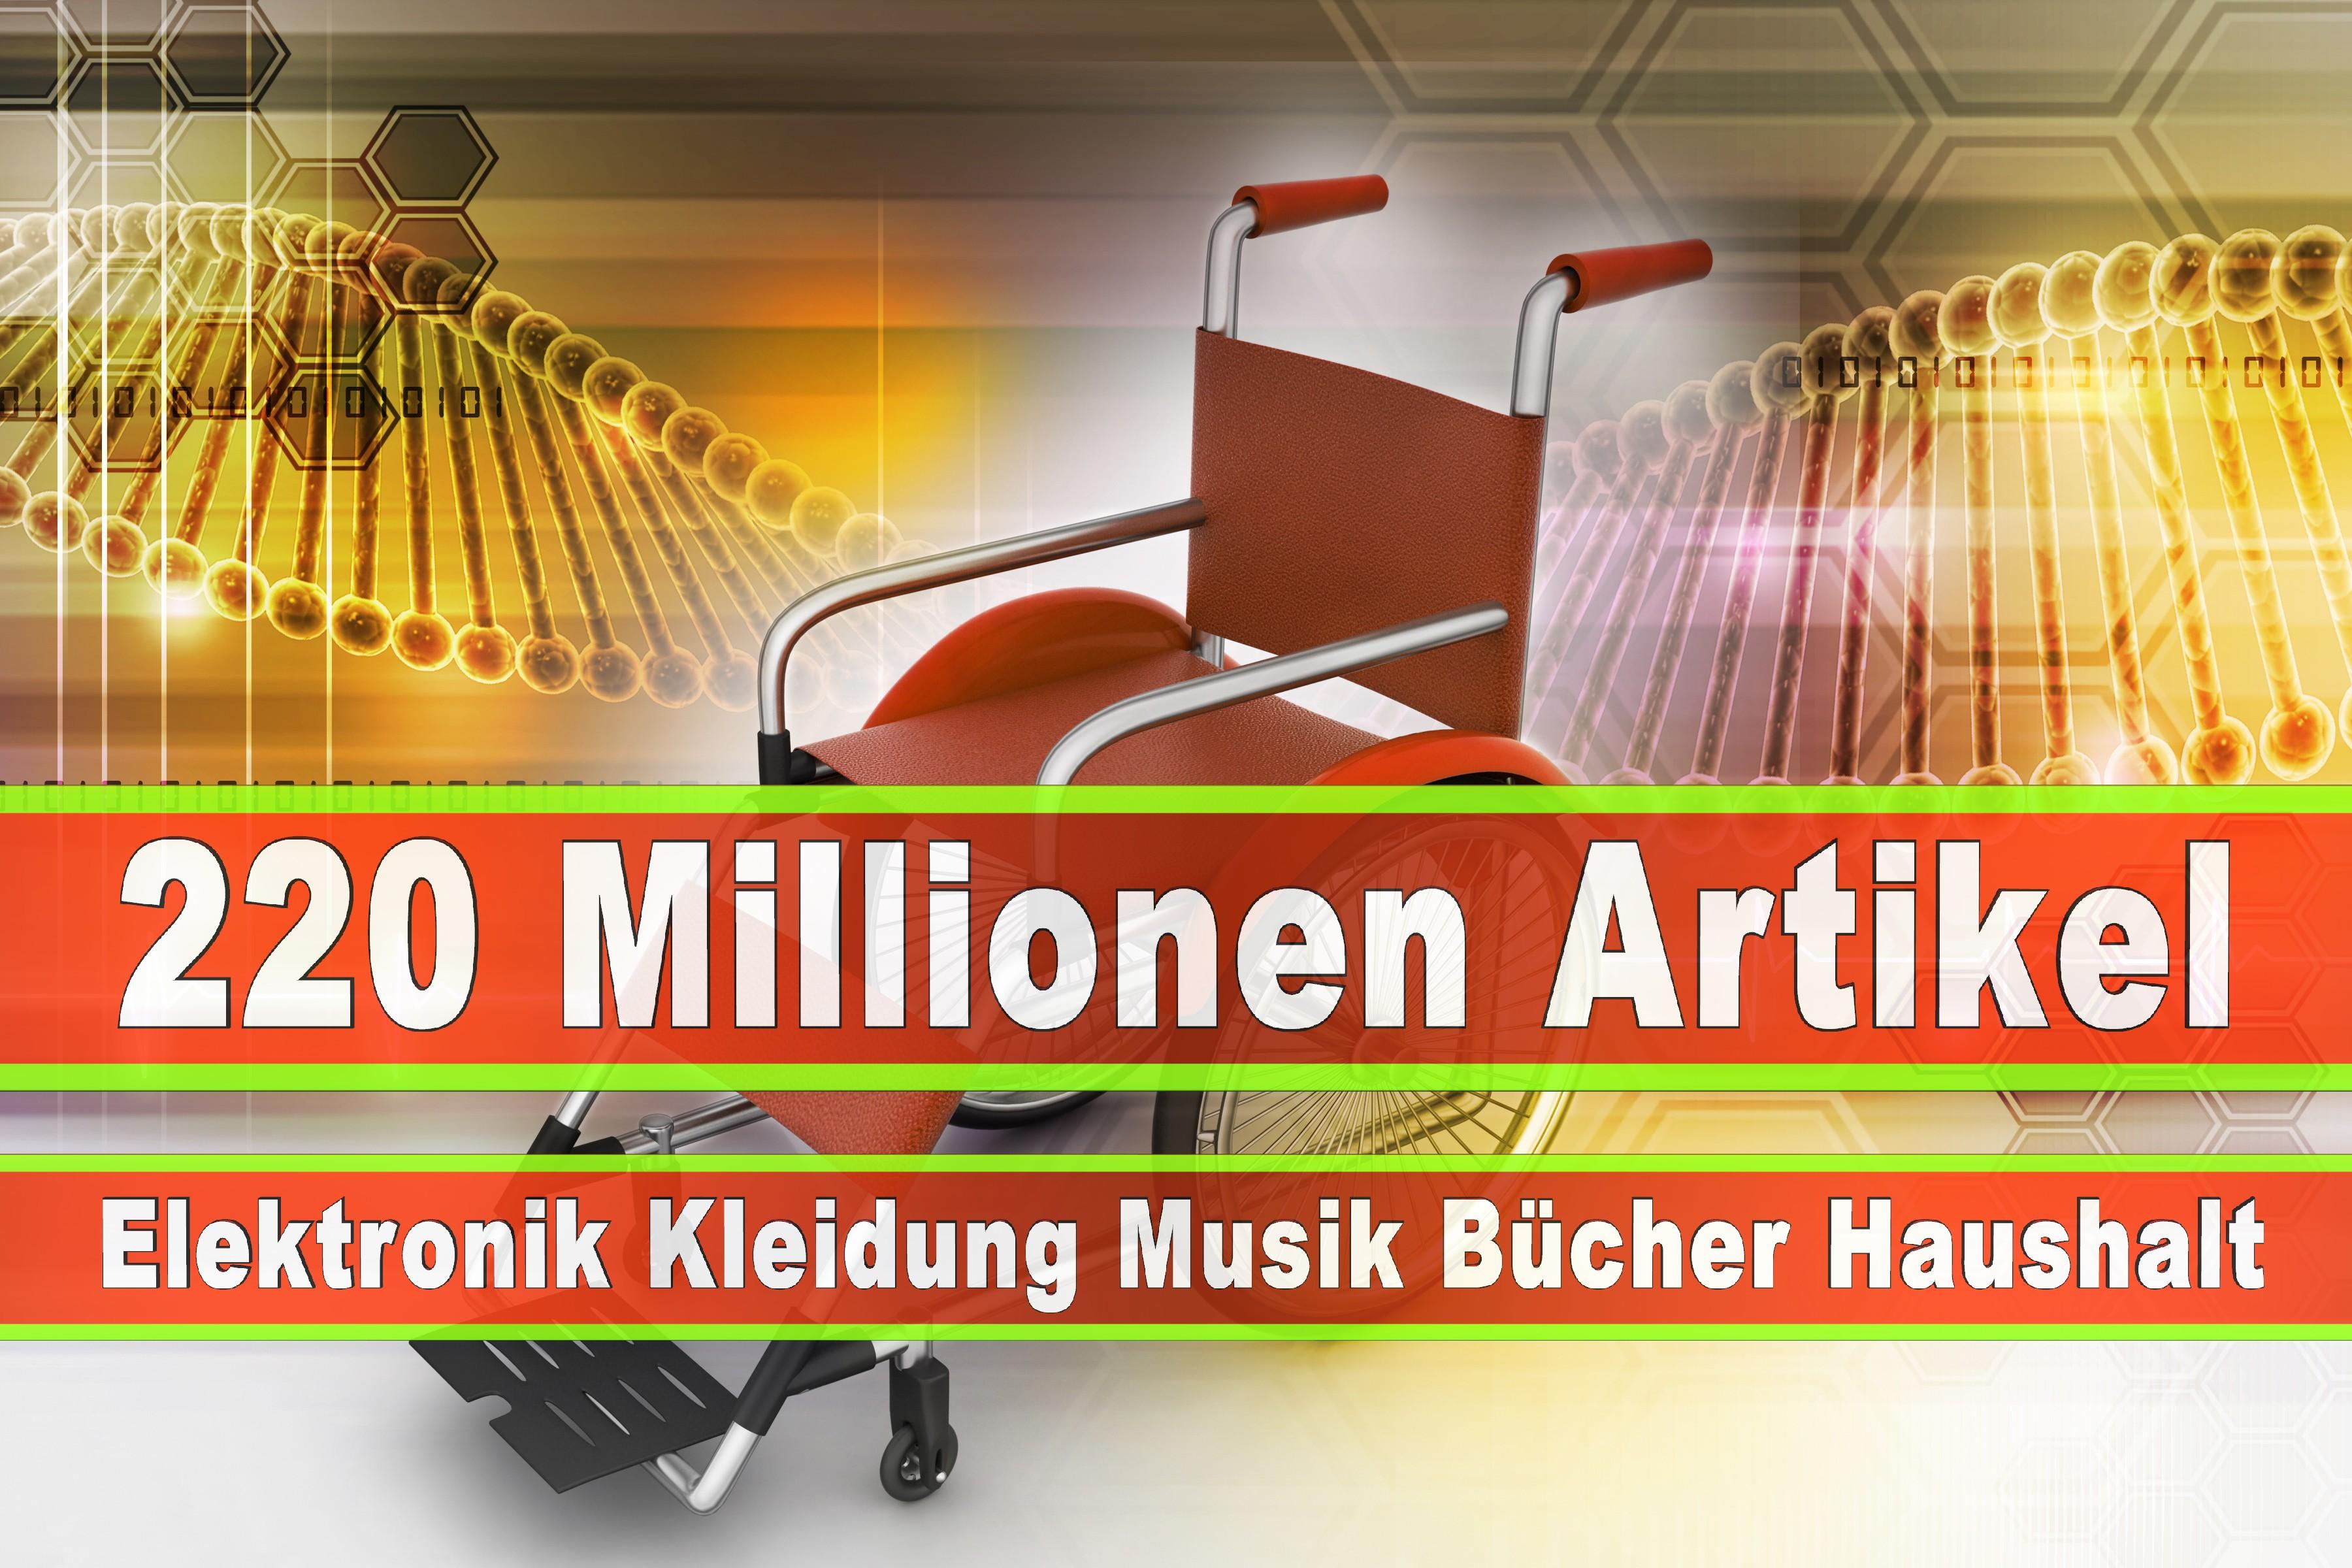 Amazon Elektronik Musik Haushalt Bücher CD DVD Handys Smartphones TV Television Fernseher Kleidung Mode Ebay (13)